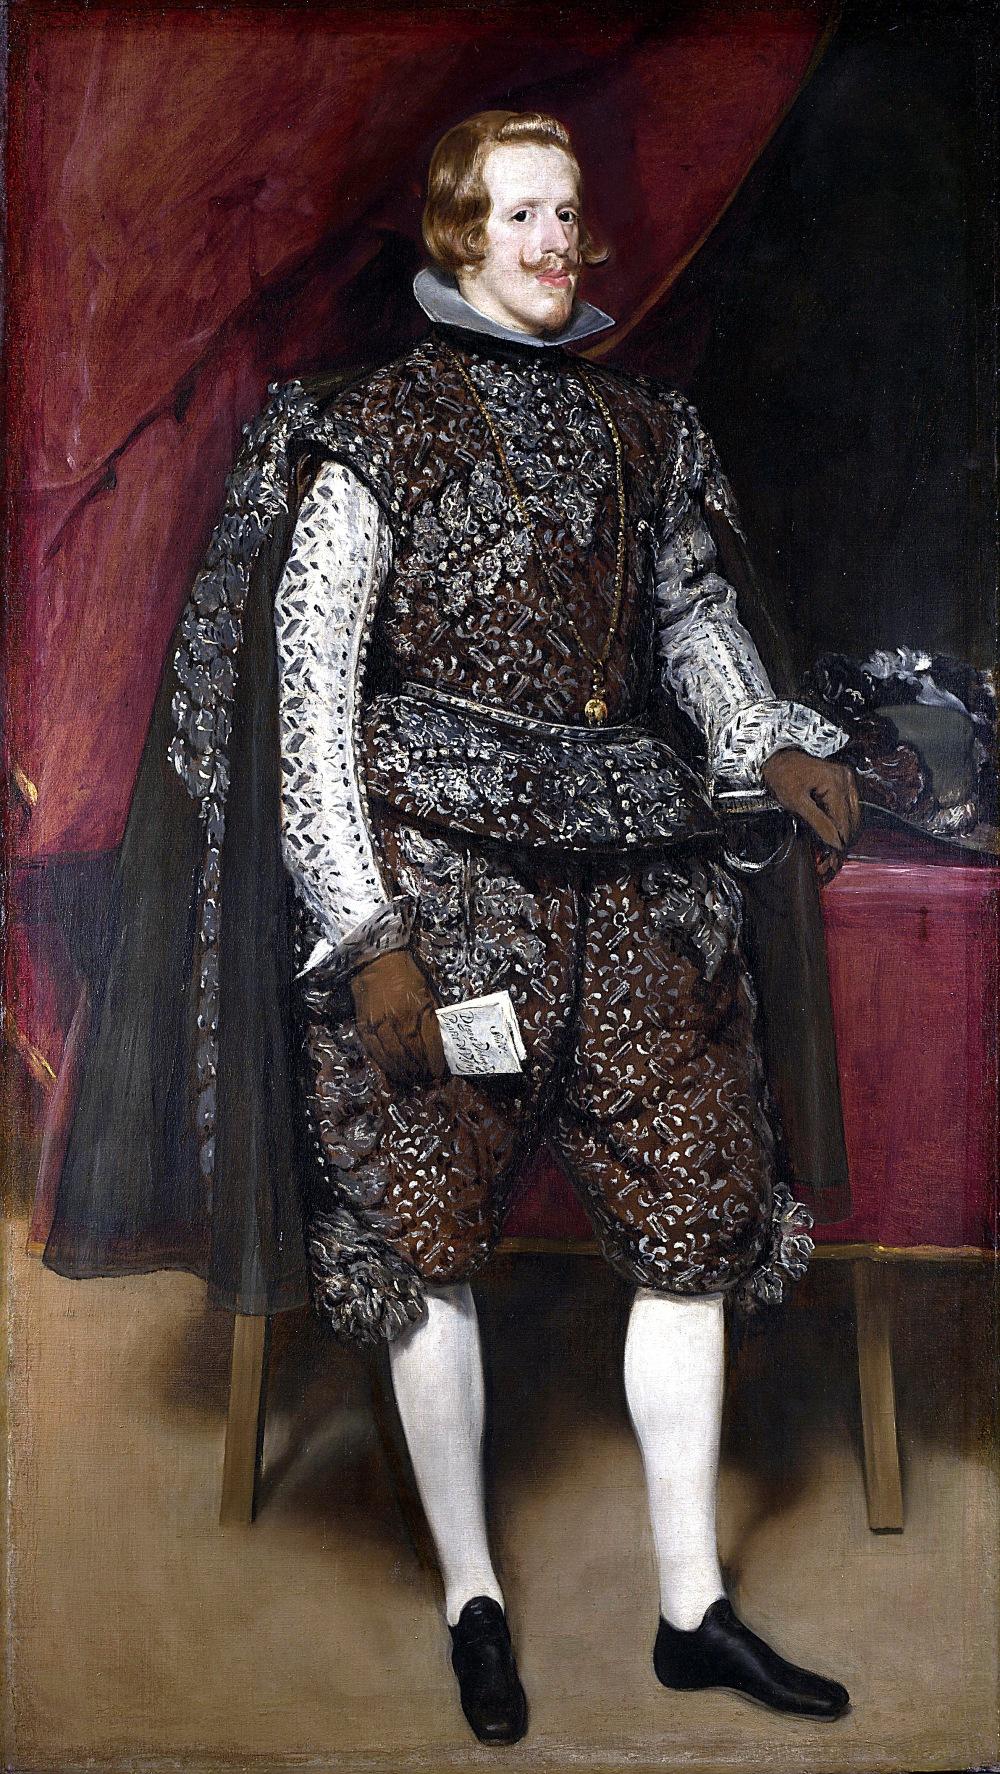 Diego Velázquez. Felipe IV de castaño y plata. Hacia 1631-1632. National Gallery. Londres. Este cuadro fue robado del Monasterio de San Lorenzo de El Escorial durante la invasión francesa.